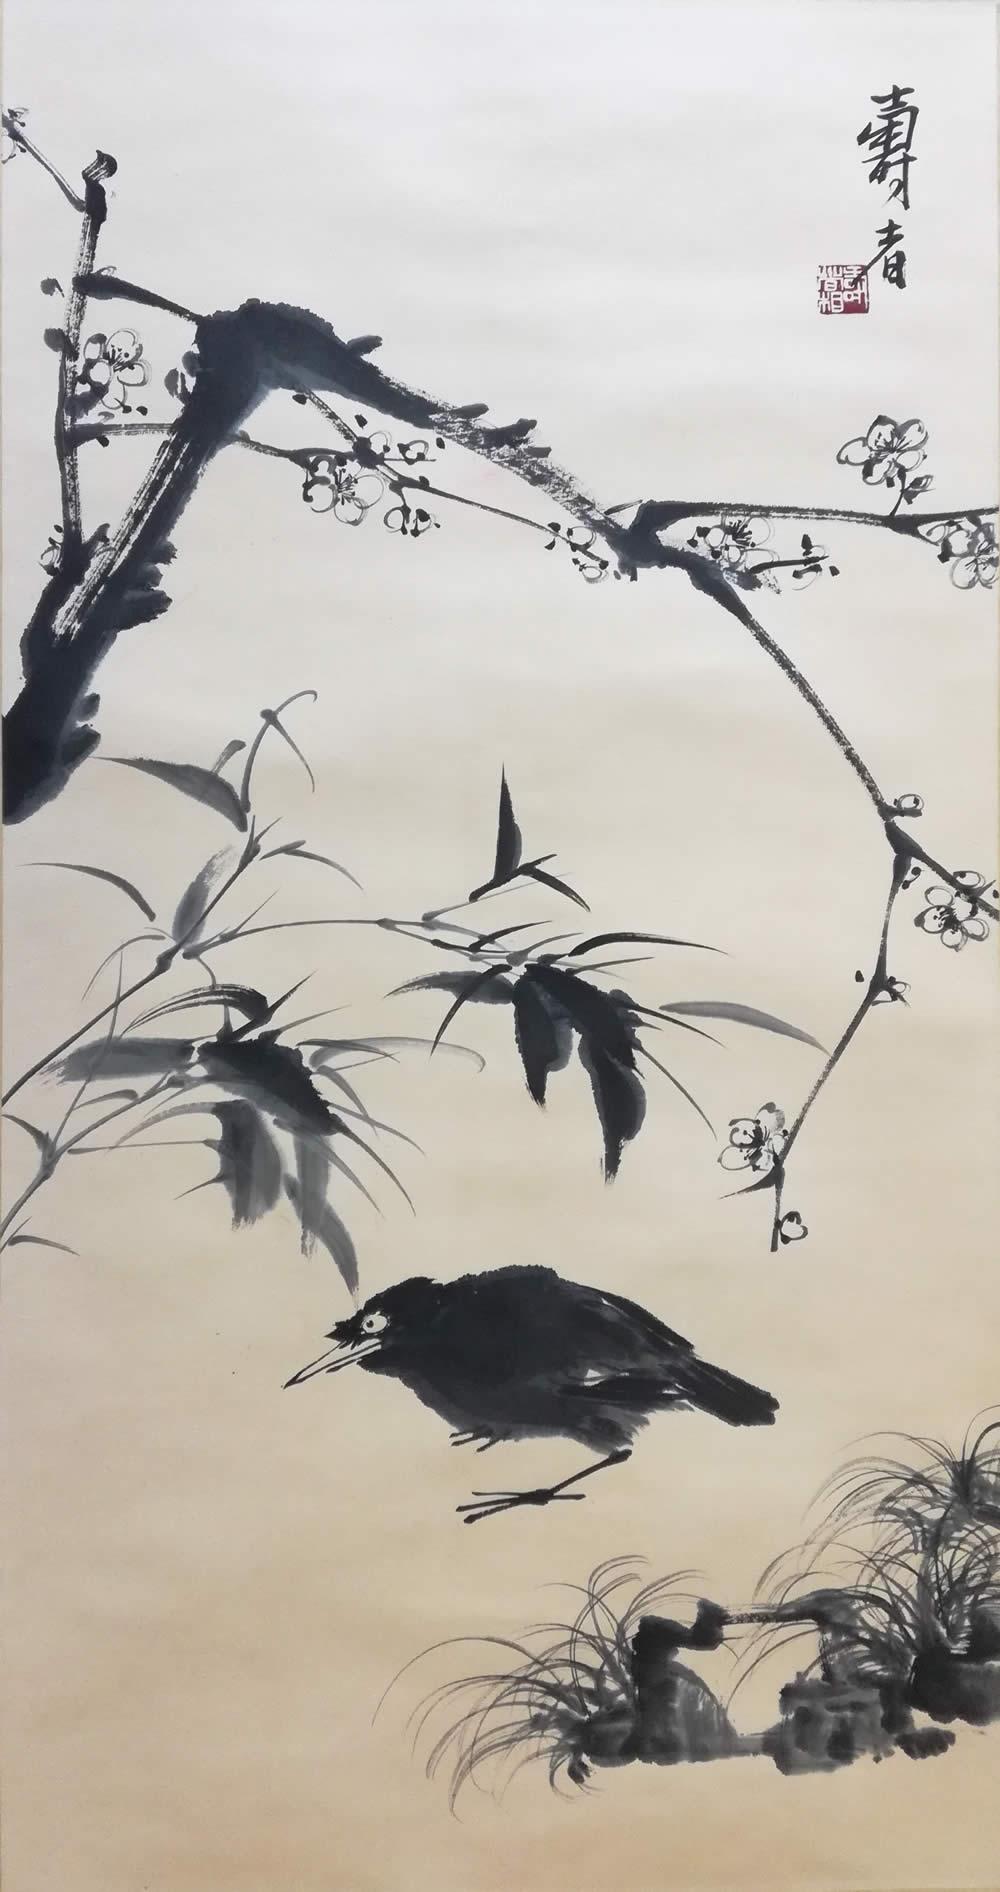 潘天寿作品《梅竹八哥图》4尺